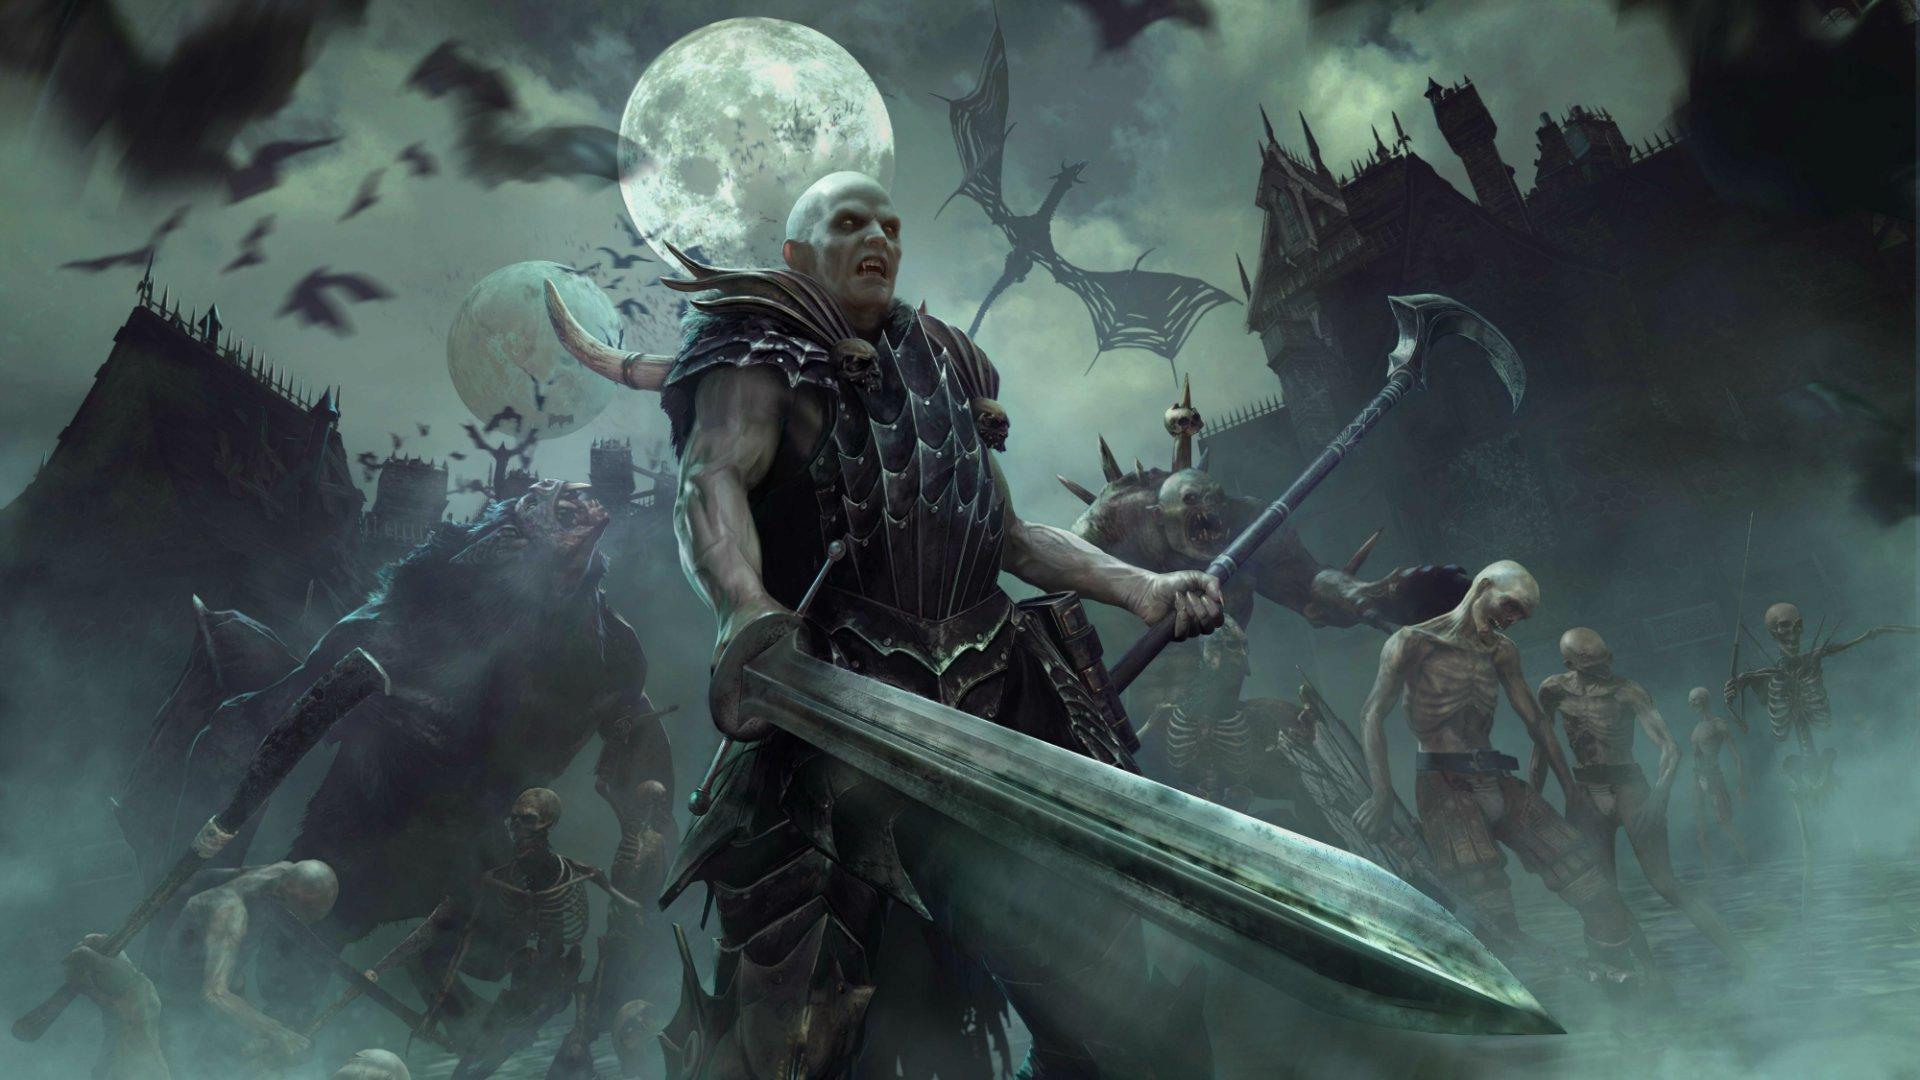 total war: warhammer критики рецензии отвратительные мужики review disgusting men